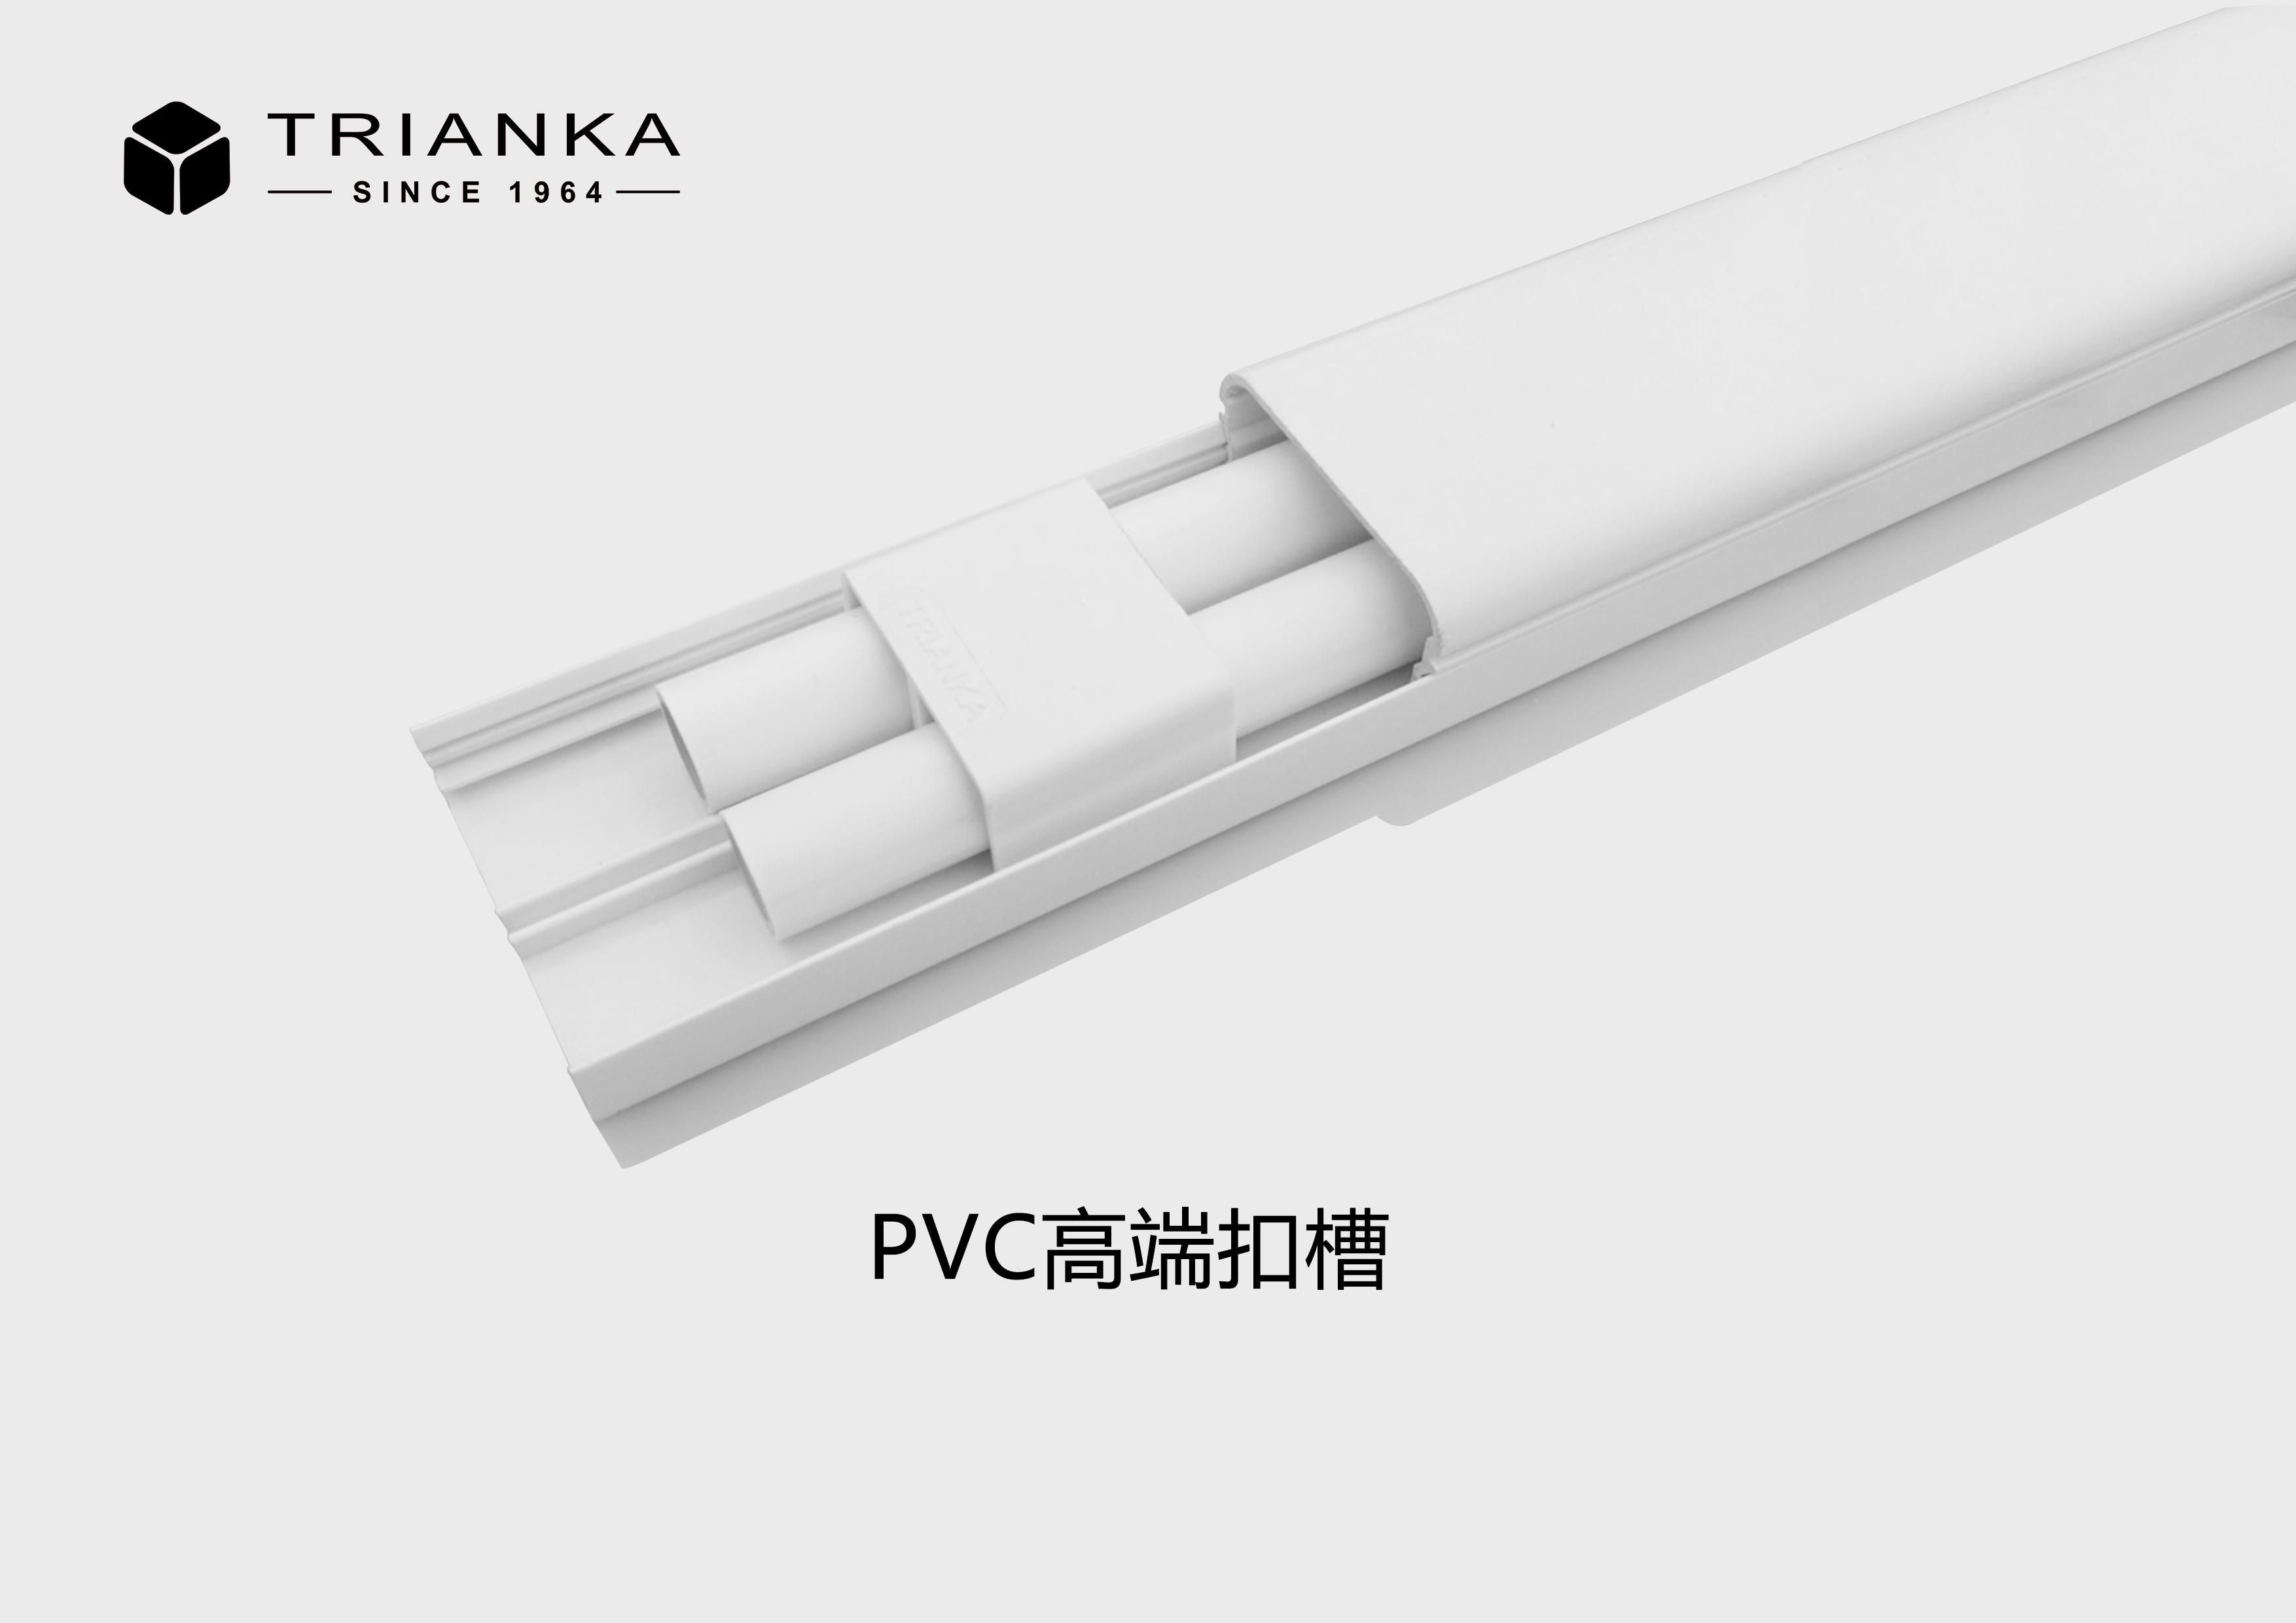 特瑞安卡PVC扣槽2.0M/根80*40